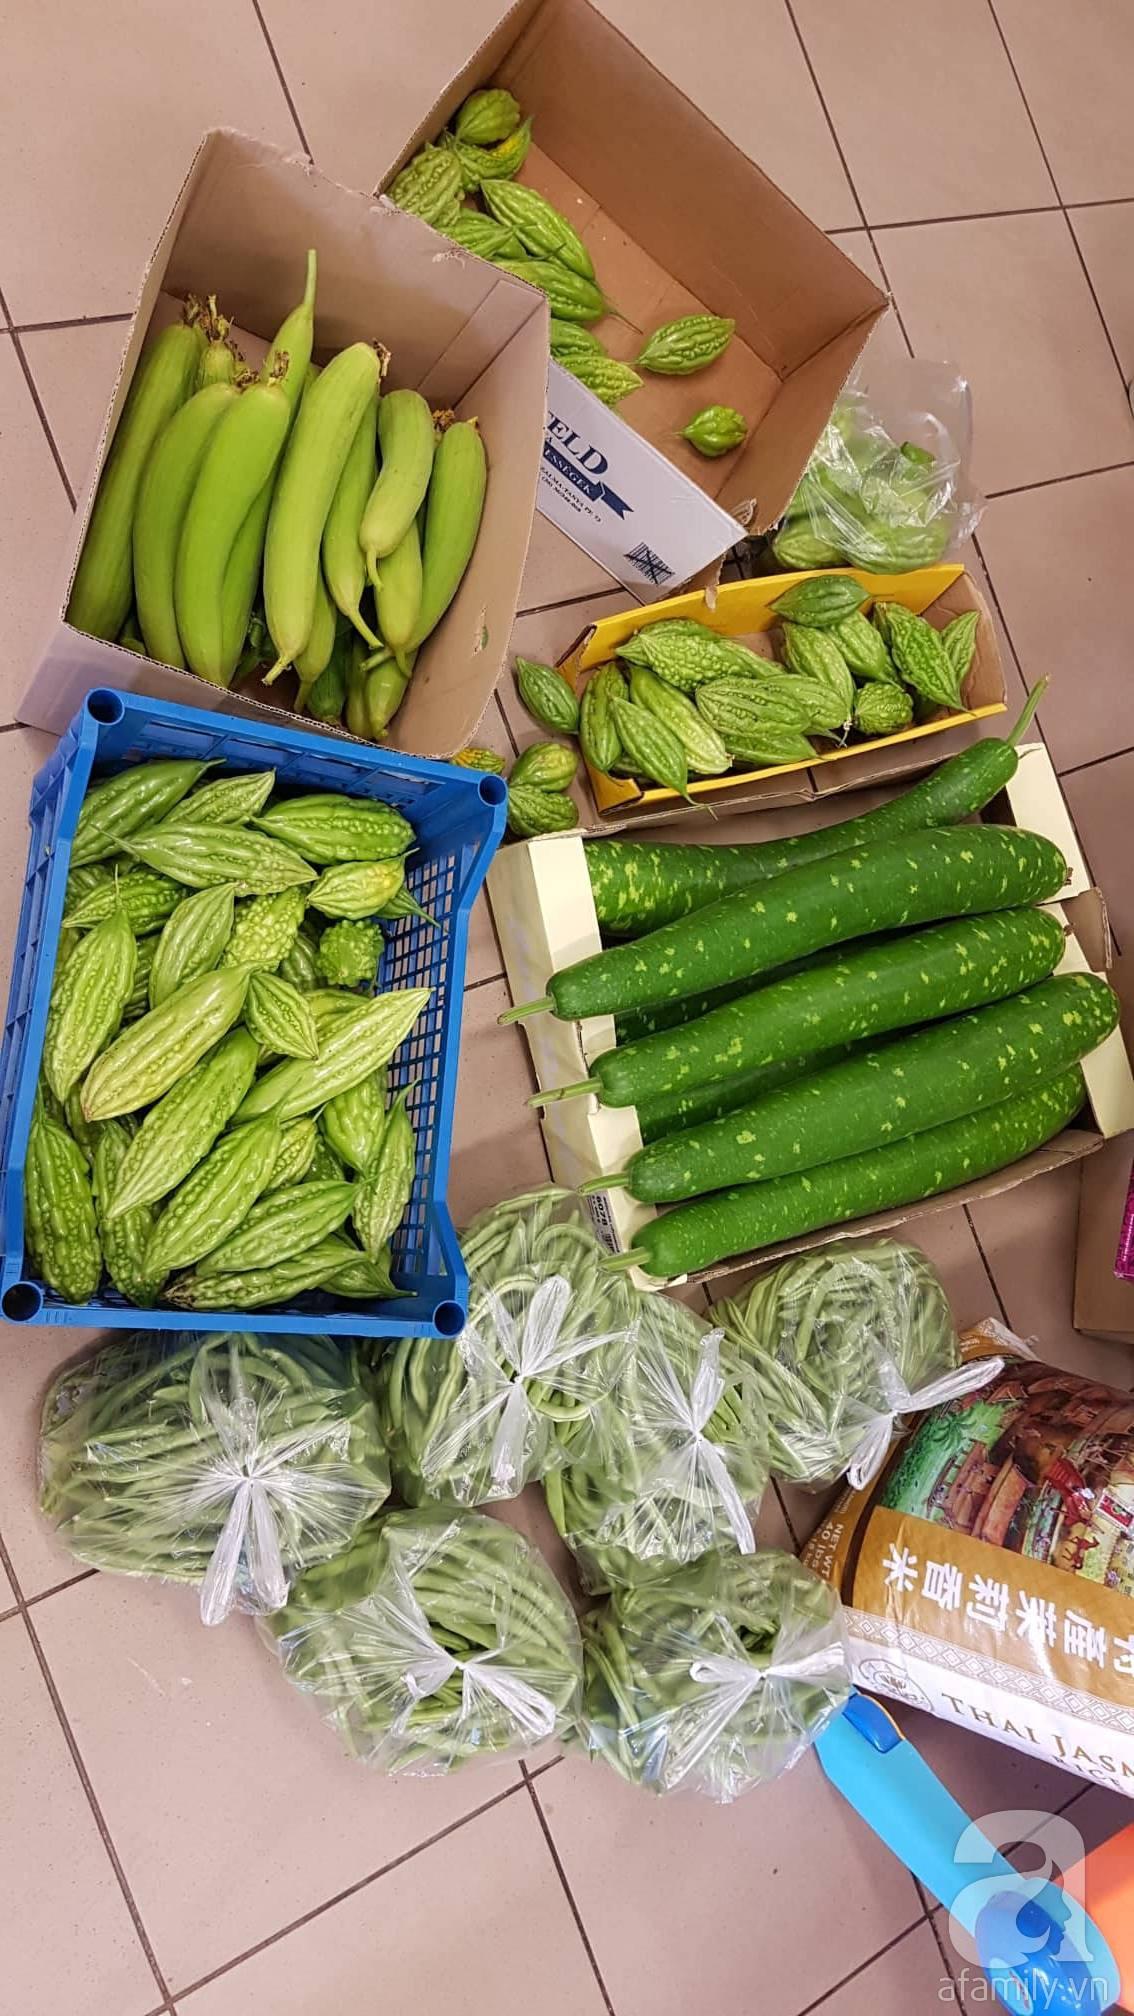 Choáng ngợp trước vườn rau sạch rộng 600m² với đủ rau trái Việt của bà mẹ trẻ ở nước ngoài - Ảnh 12.